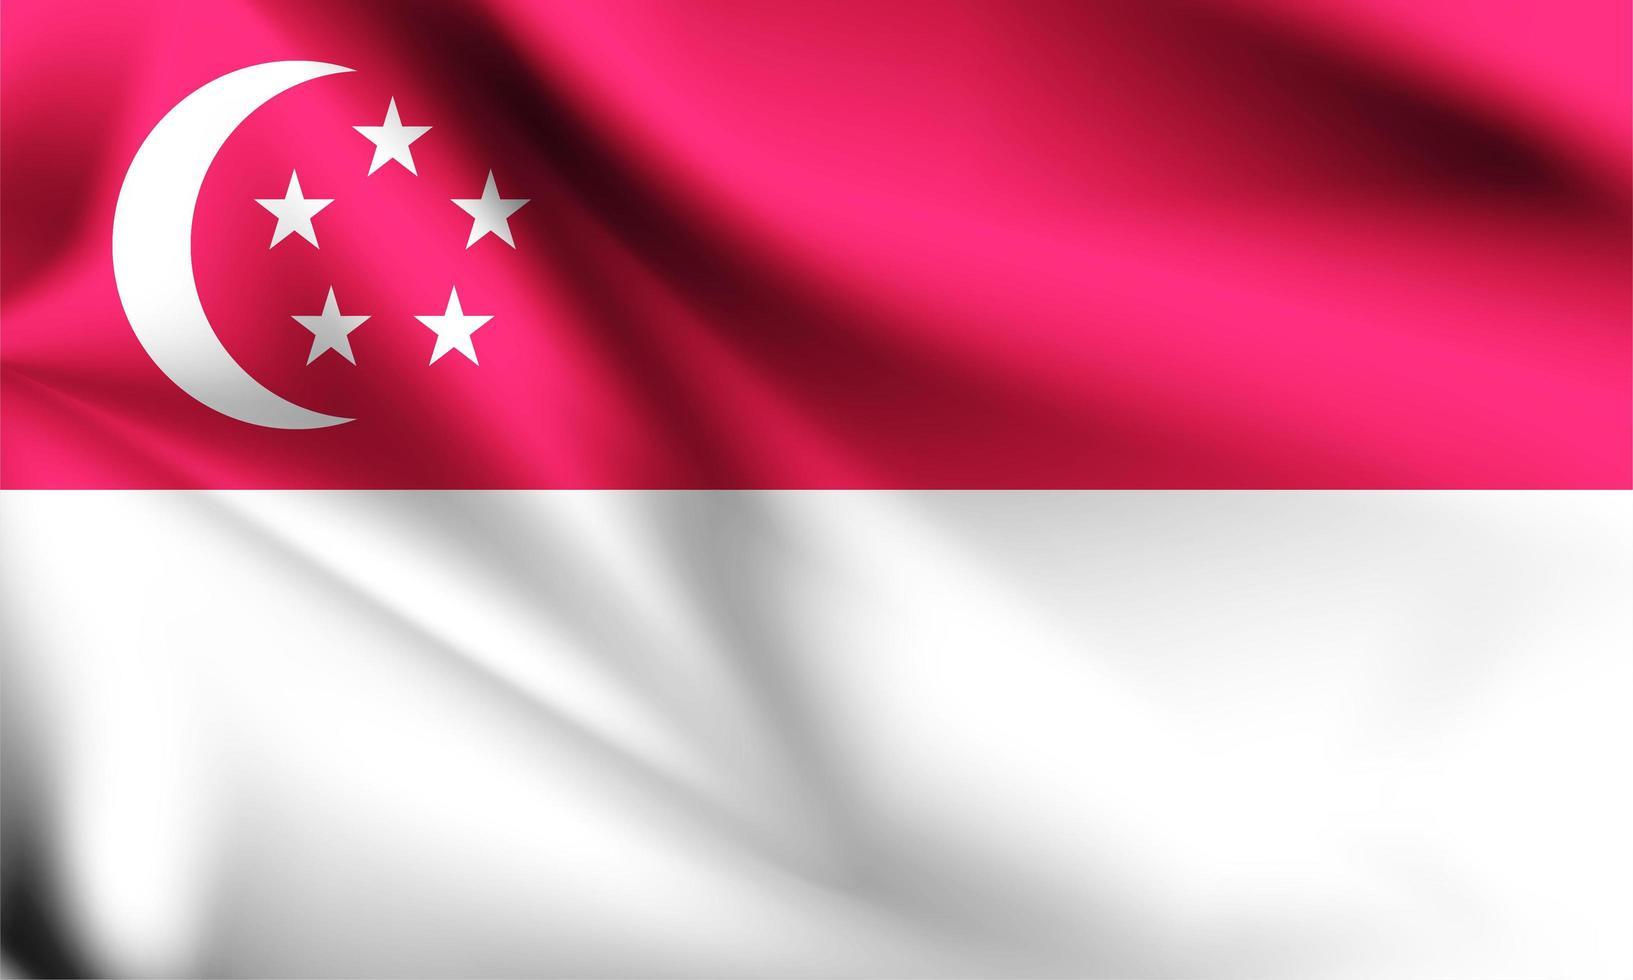 bandera 3d de singapur vector